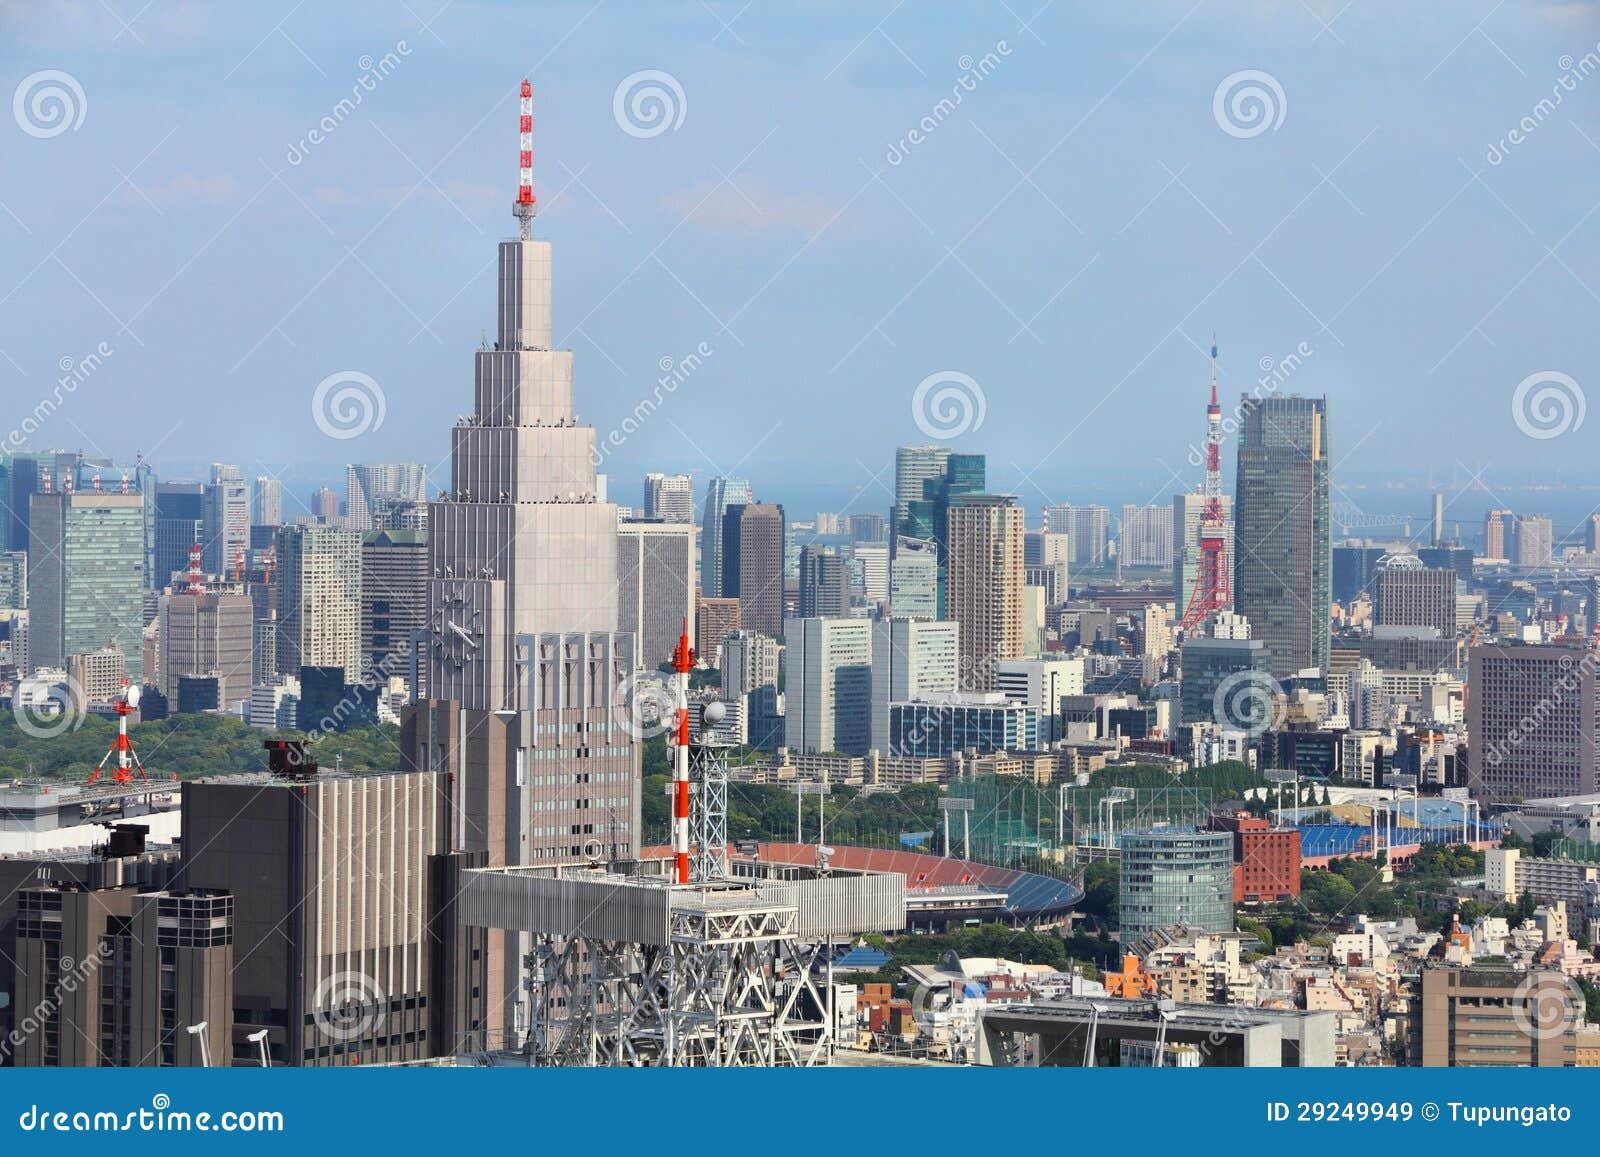 Download Skyline de Tokyo imagem de stock. Imagem de contemporary - 29249949